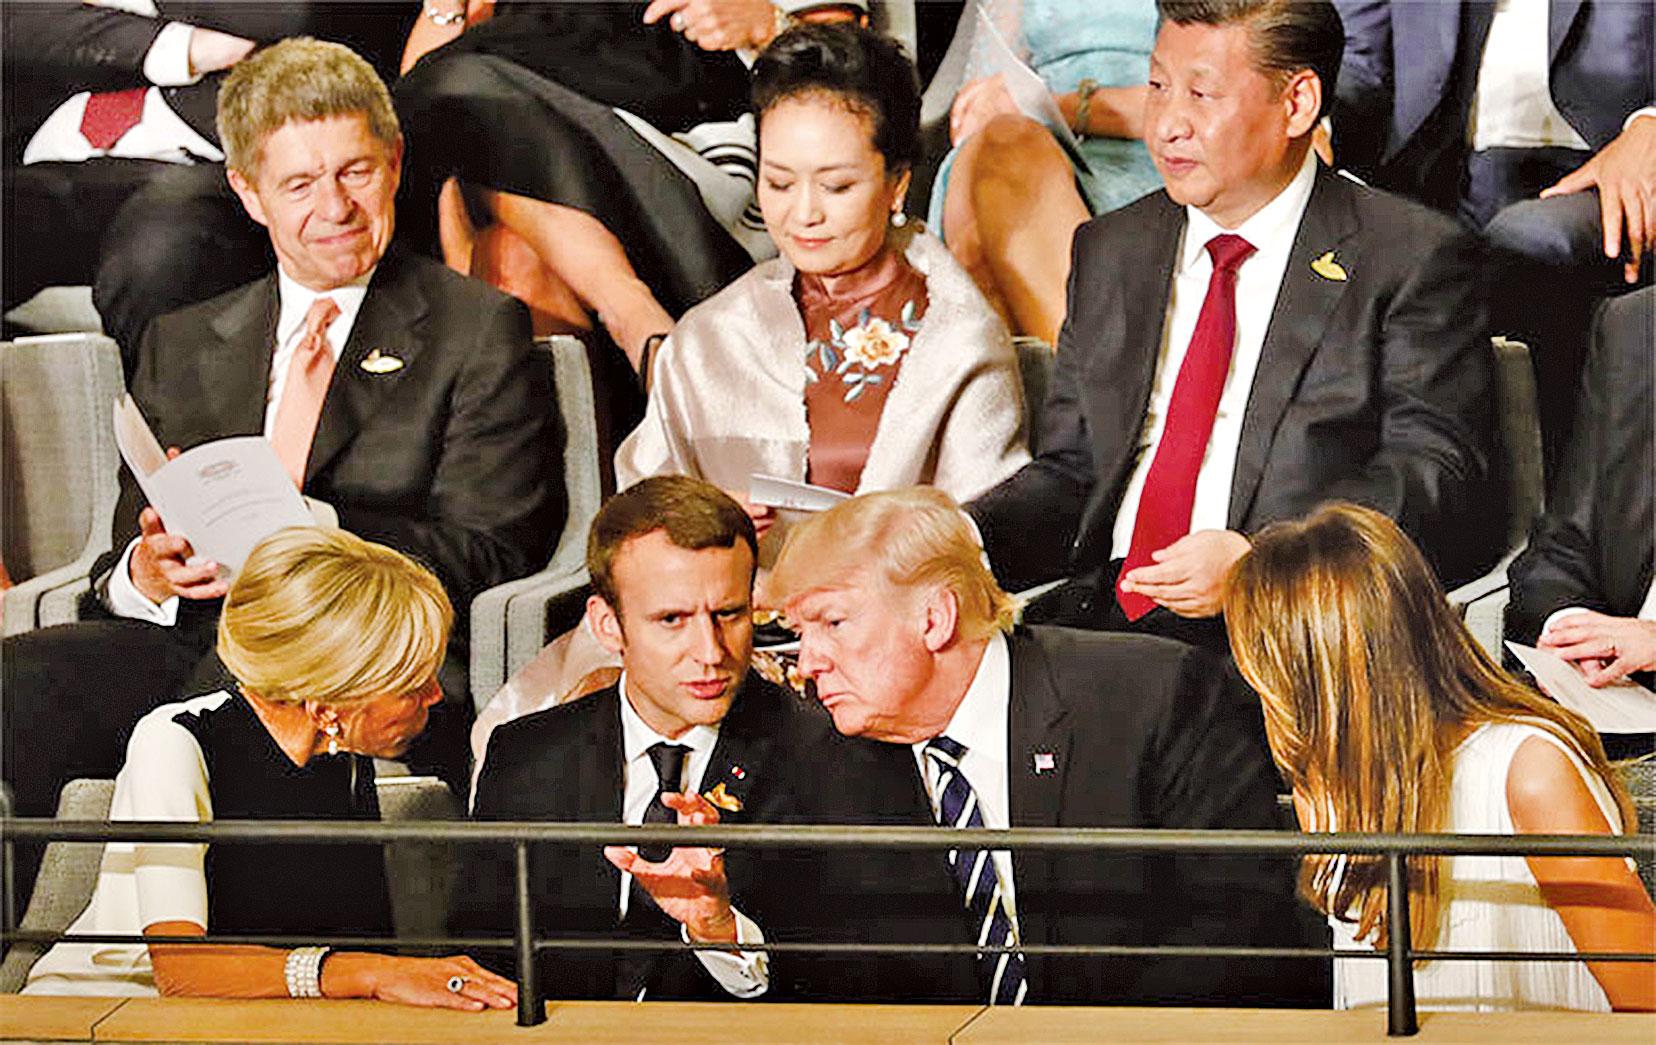 世紀談判,似乎引發了中國巨變的倒計時。2017年G-20時,中共曾經有過很好的機會。2018年的G-20對中共來說,幾乎是套上了枷鎖。圖為2017年7月G-20在德國漢堡峰會時,各國領導人在一起。(Getty Images)